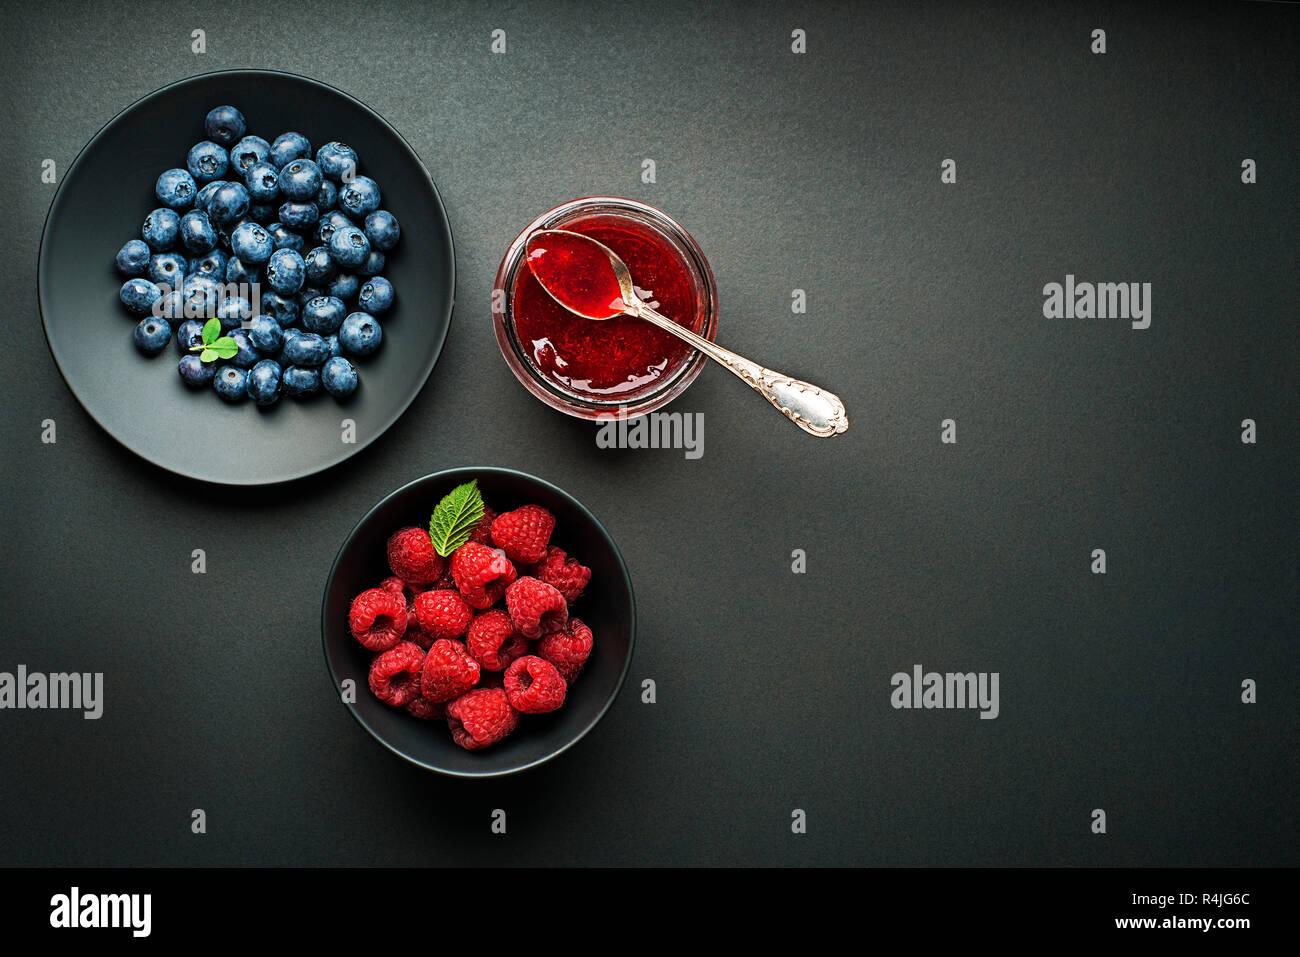 Marmalede ou confiture fait maison à base de petits fruits mélangés Banque D'Images